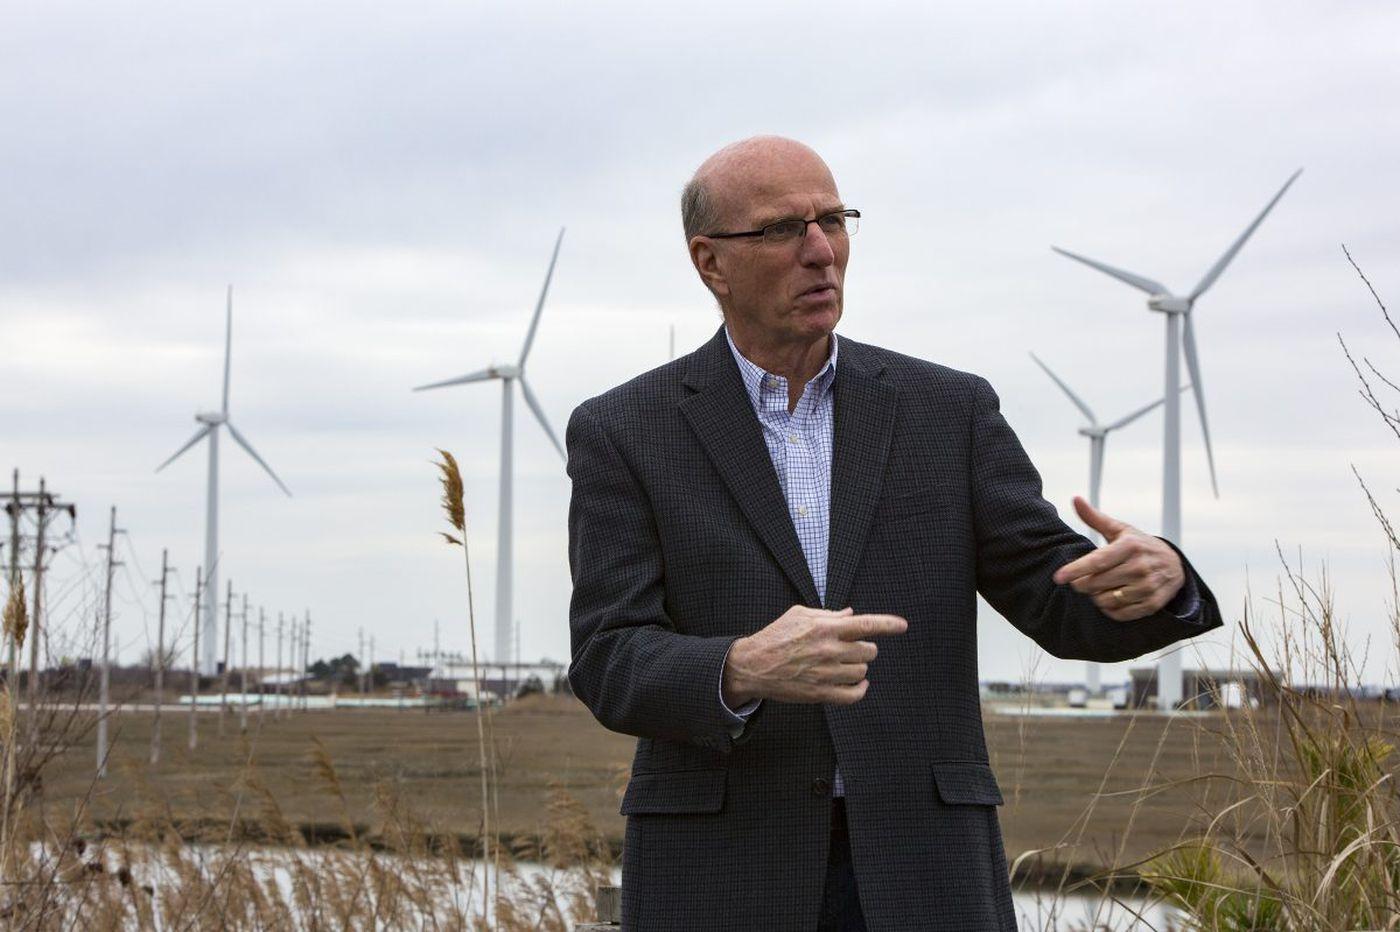 Wind energy eyes restart in N.J. with Gov. Phil Murphy in office